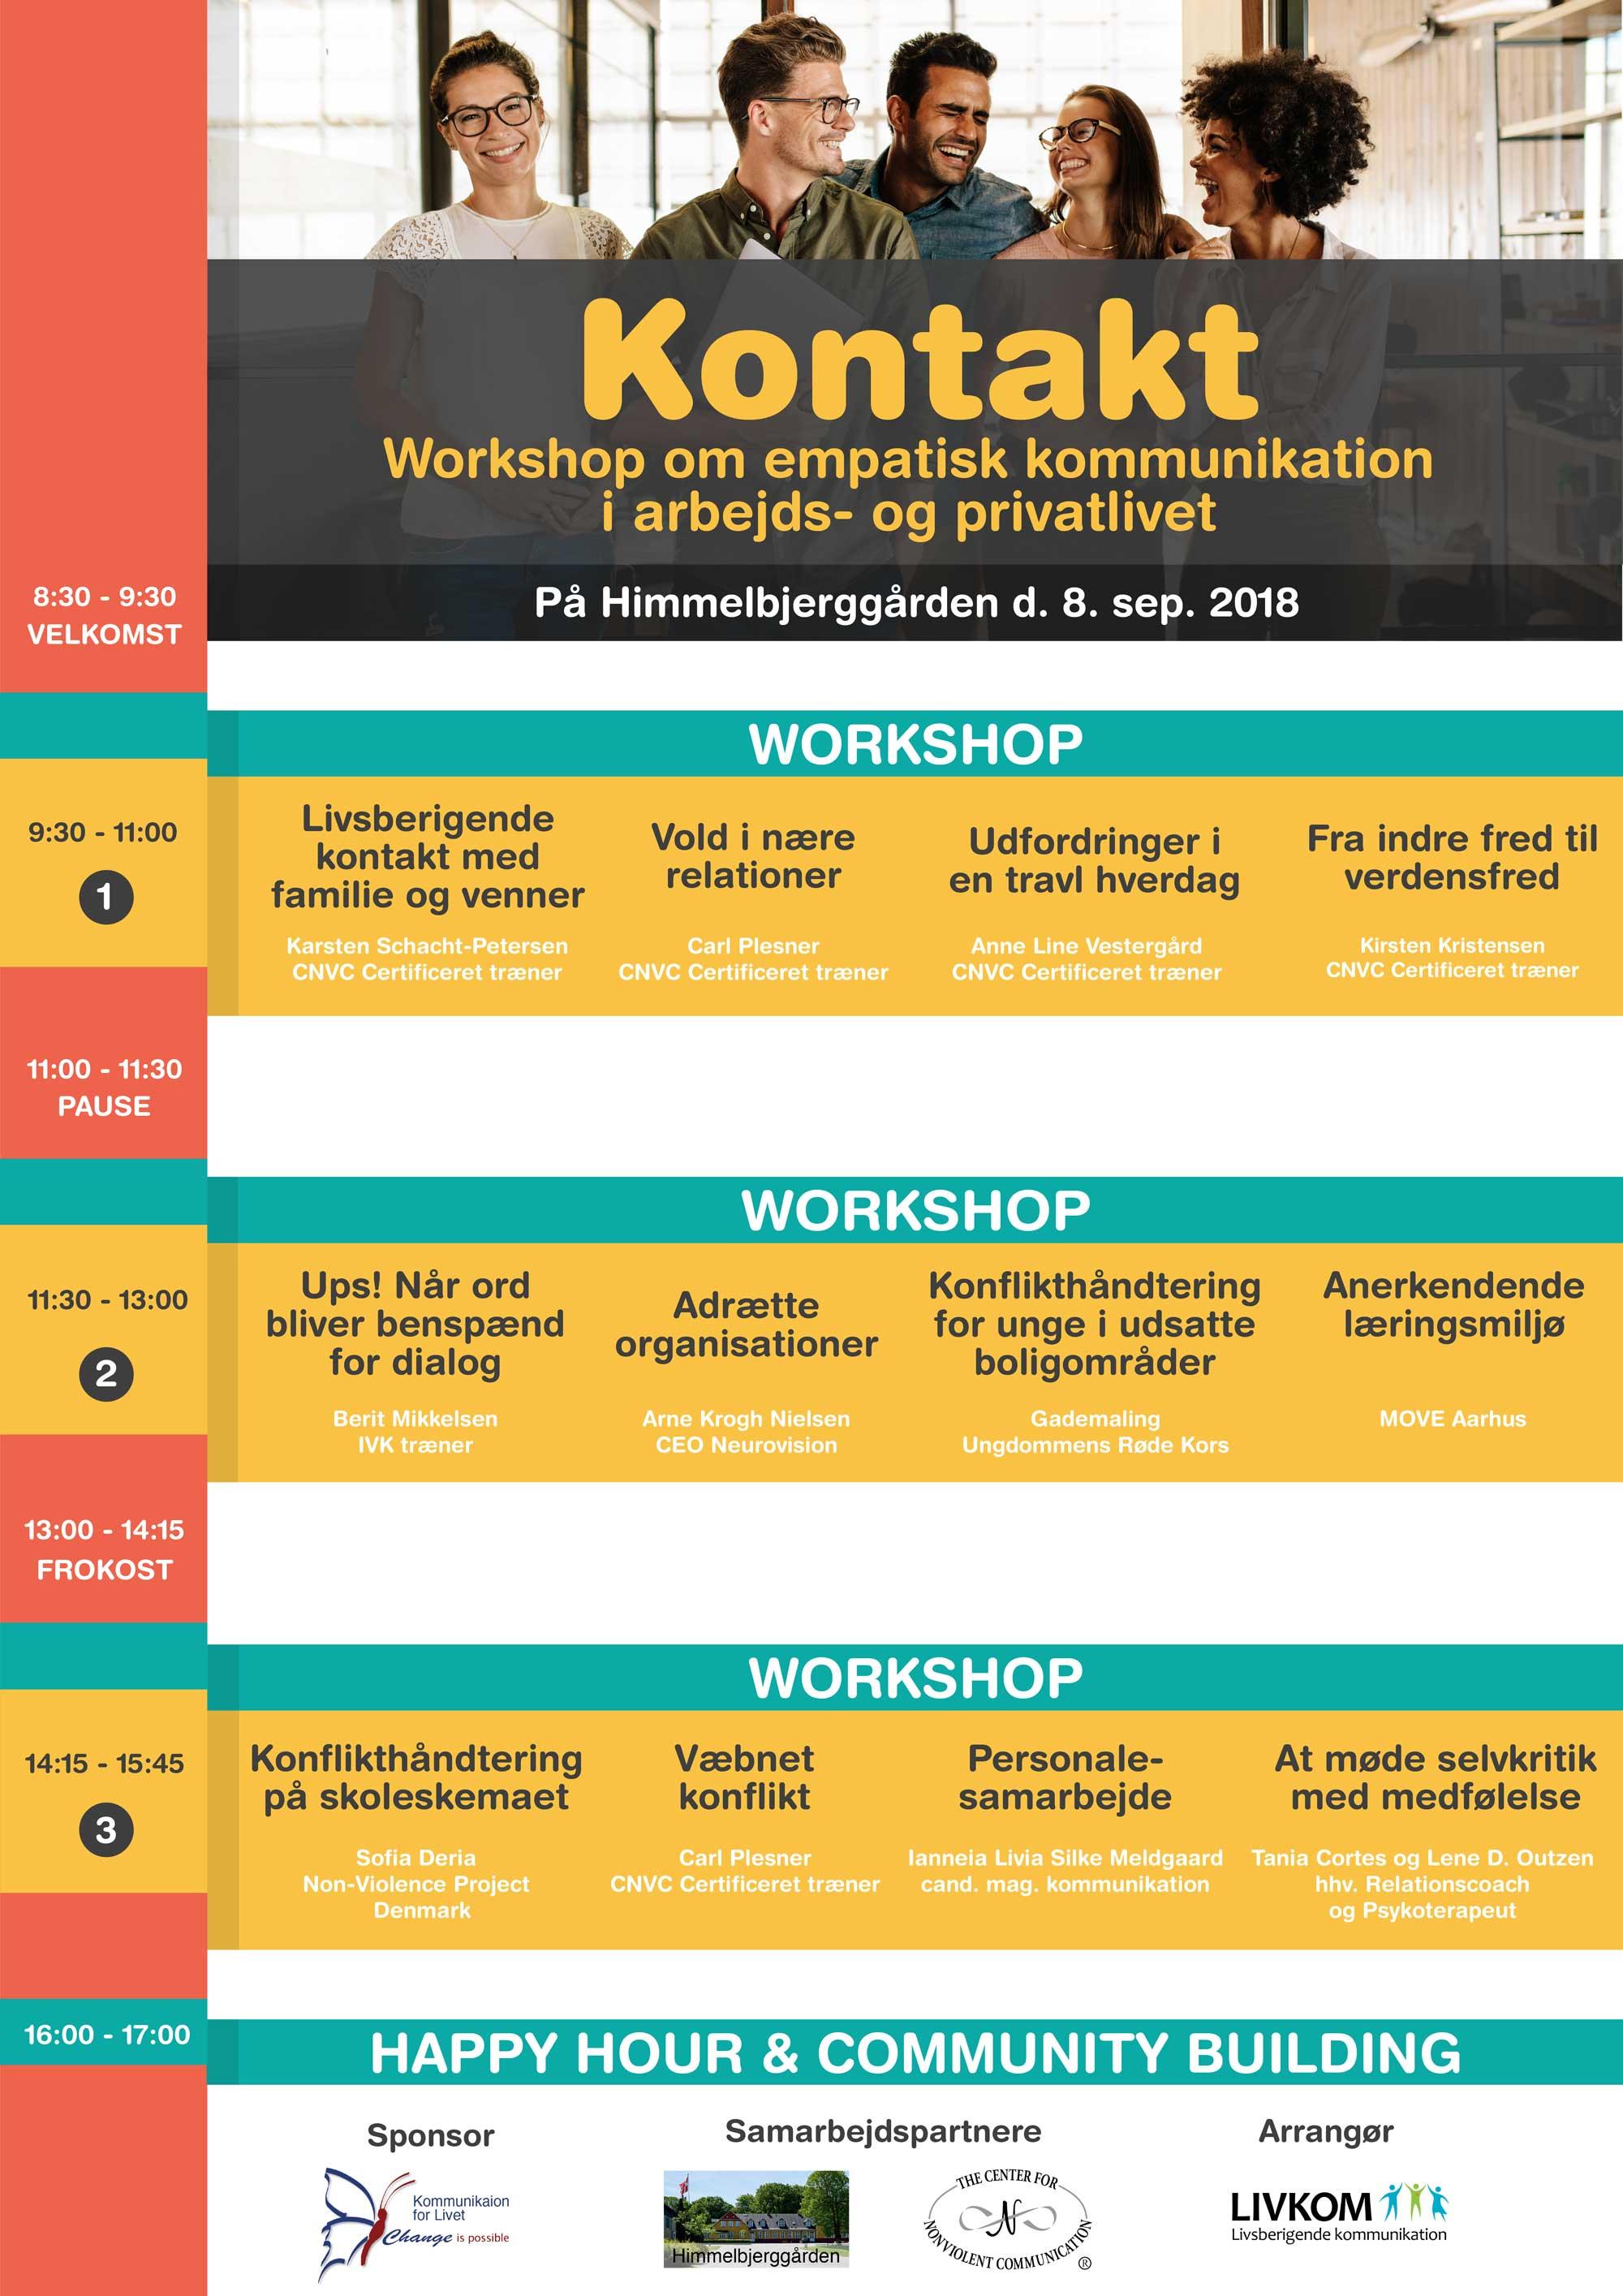 KONTAKT - program for workshopdag om Ikkevoldelig kommunikation